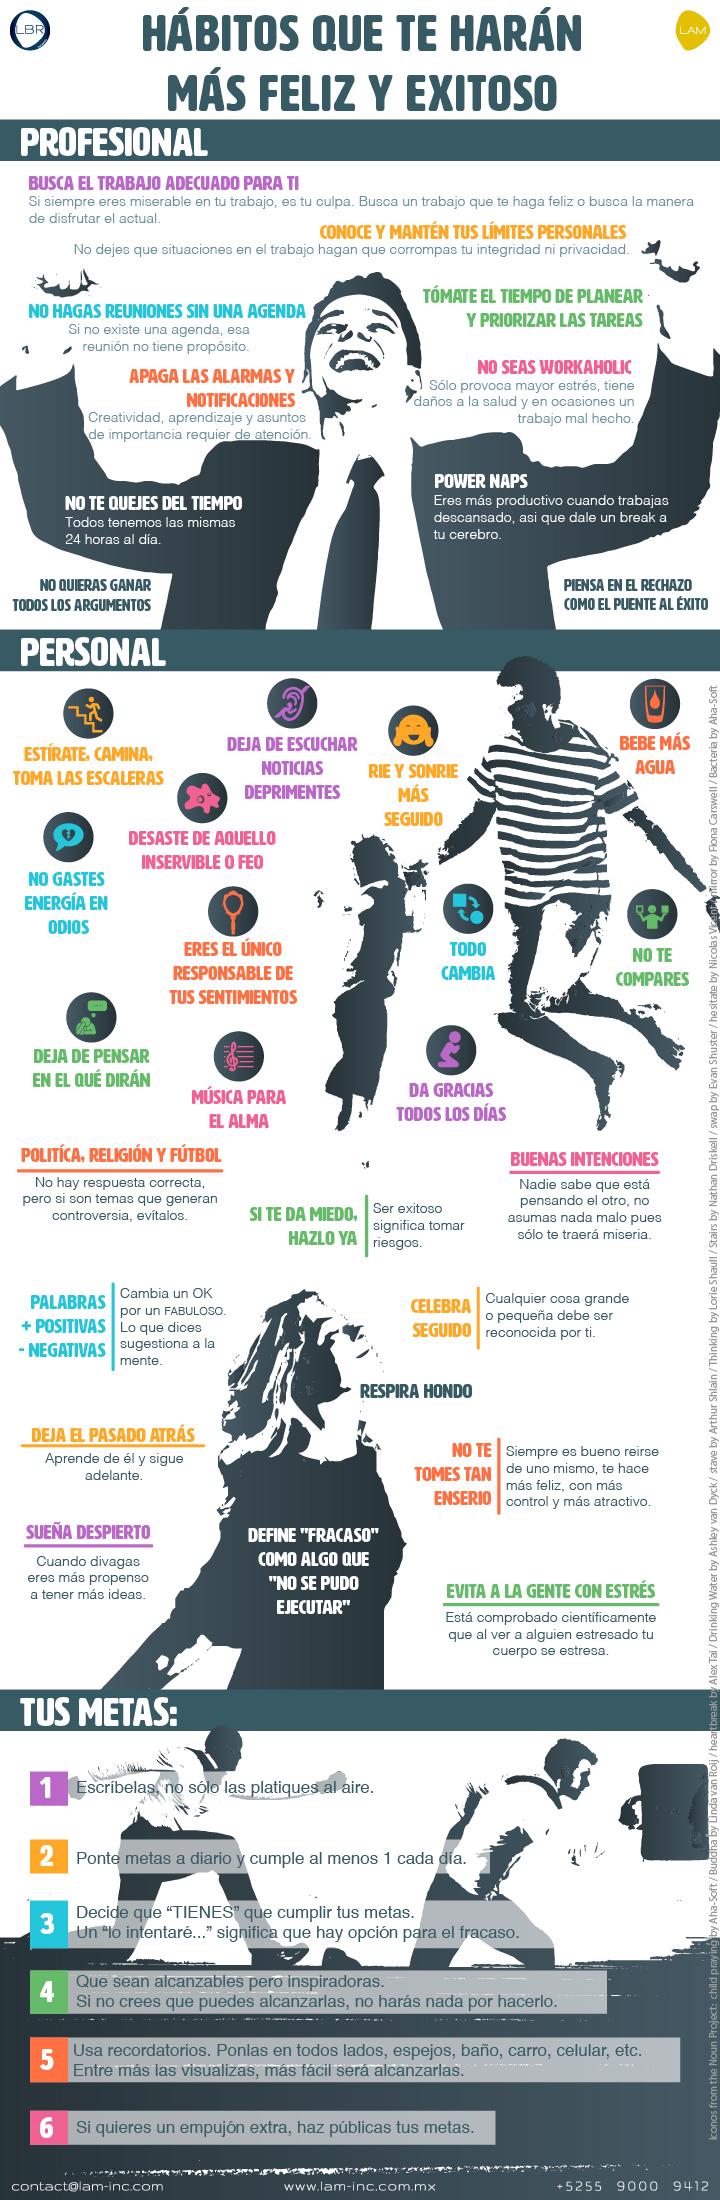 Hábitos que te Harán Más Feliz